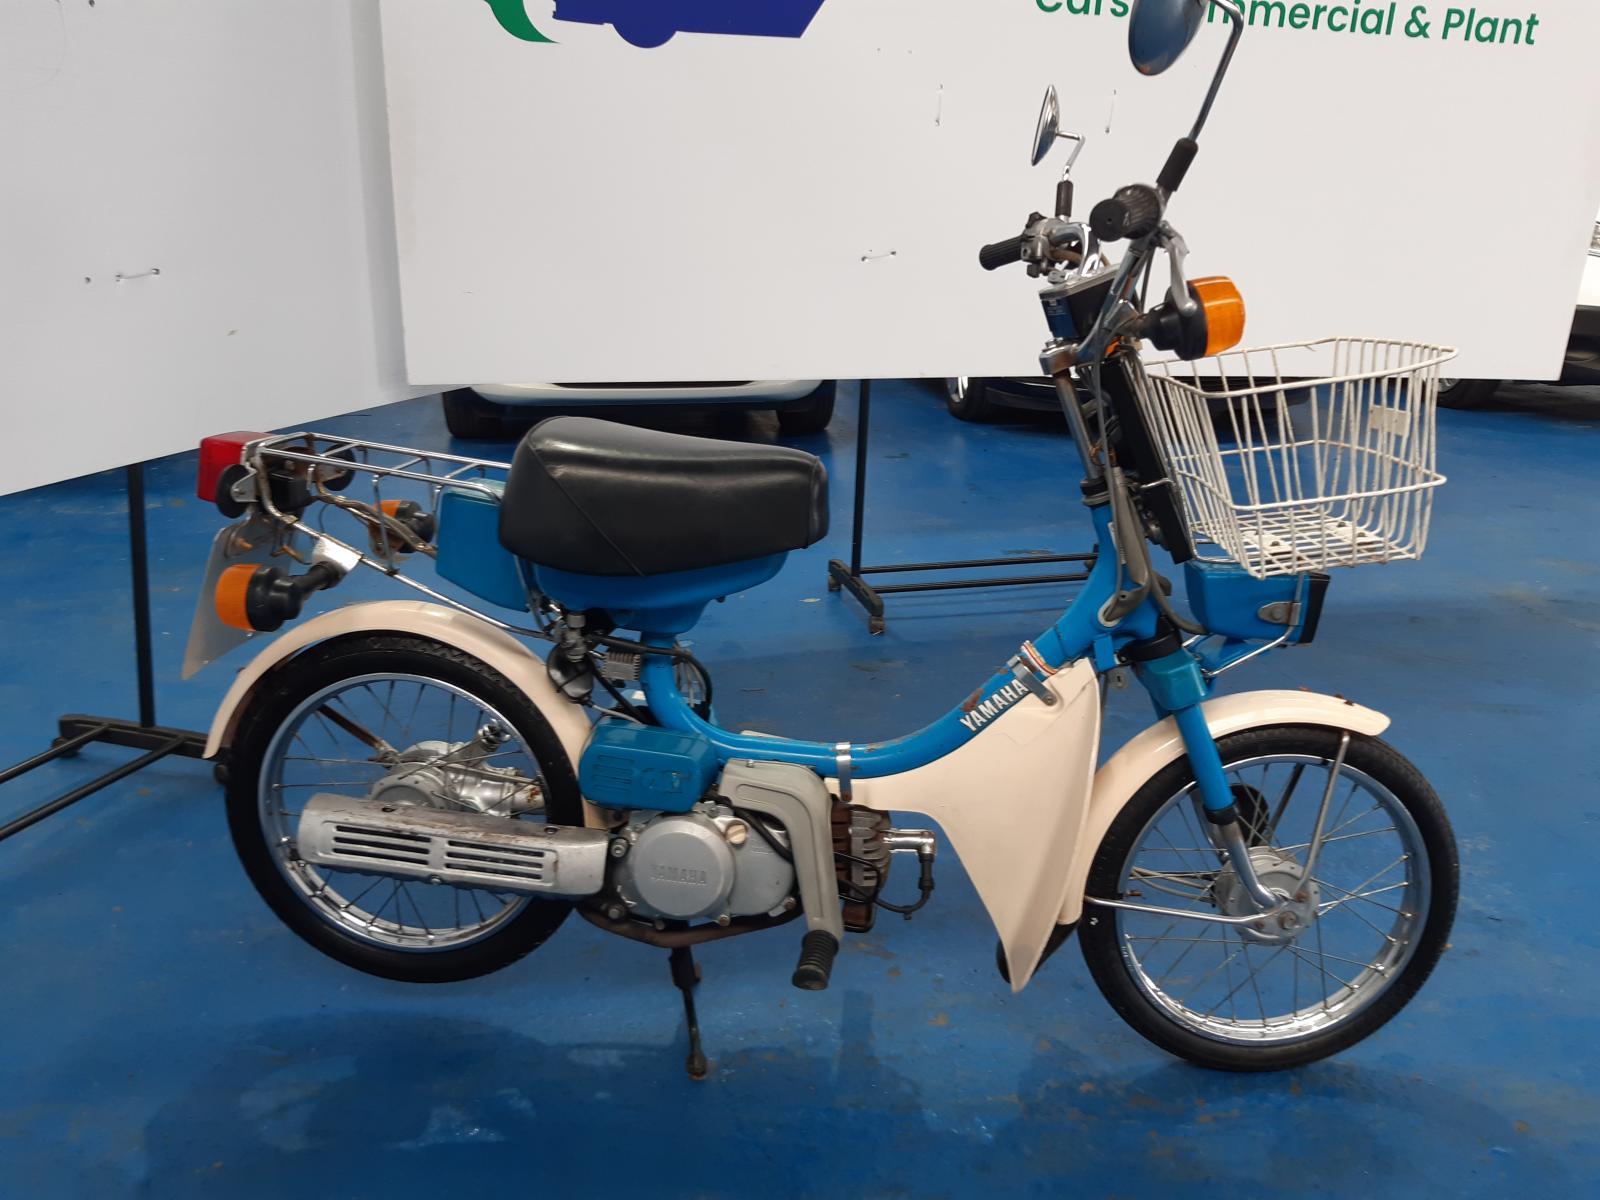 1998 YAMAHA UNSPEC MODEL 25 - 50CC UNSPEC VARIENT 25 - 50CC